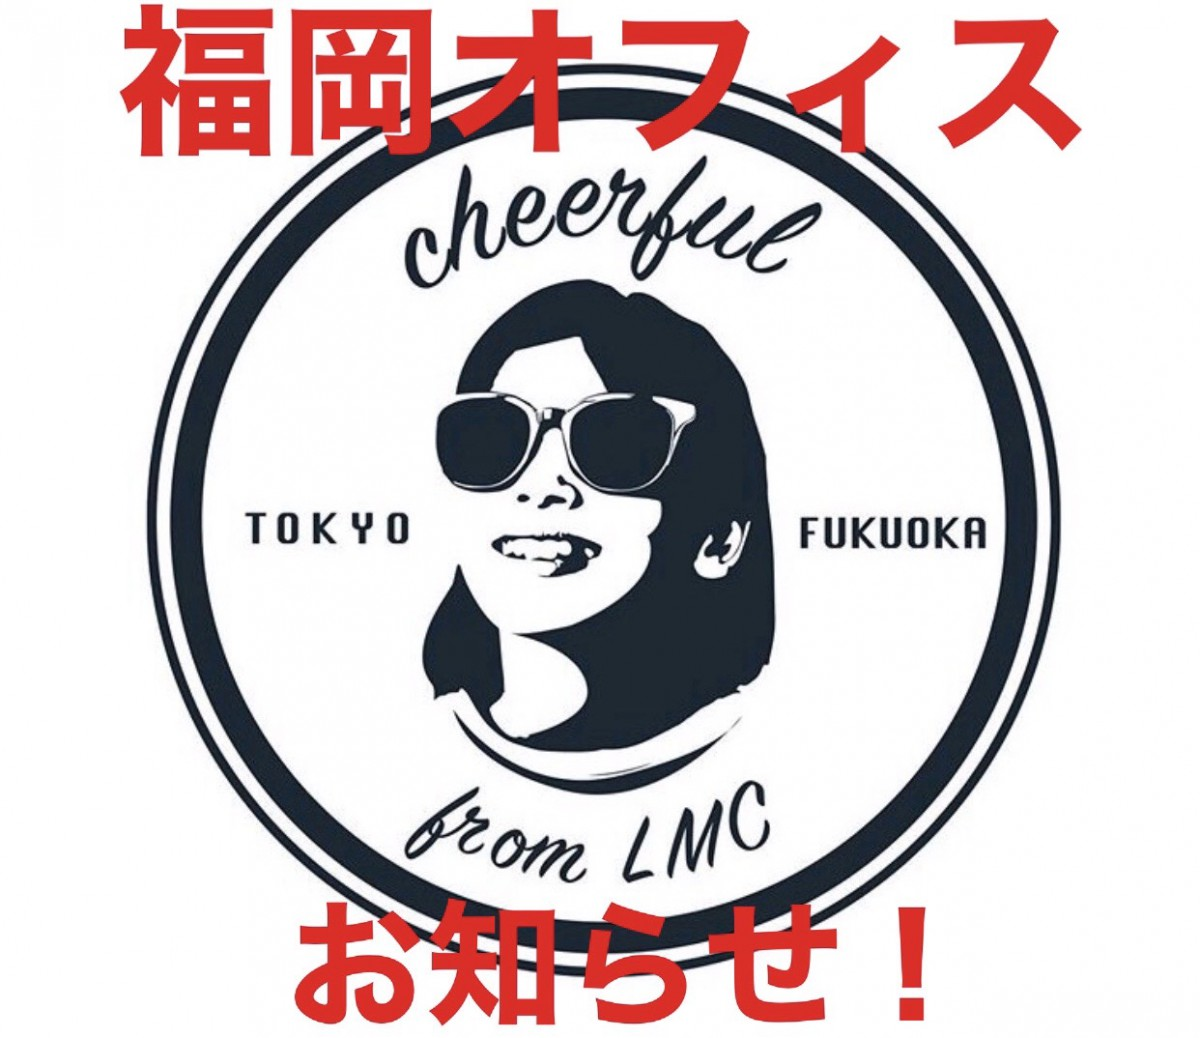 【福岡オフィス】お知らせ -2/24 ベンチャーイベントを開催します。